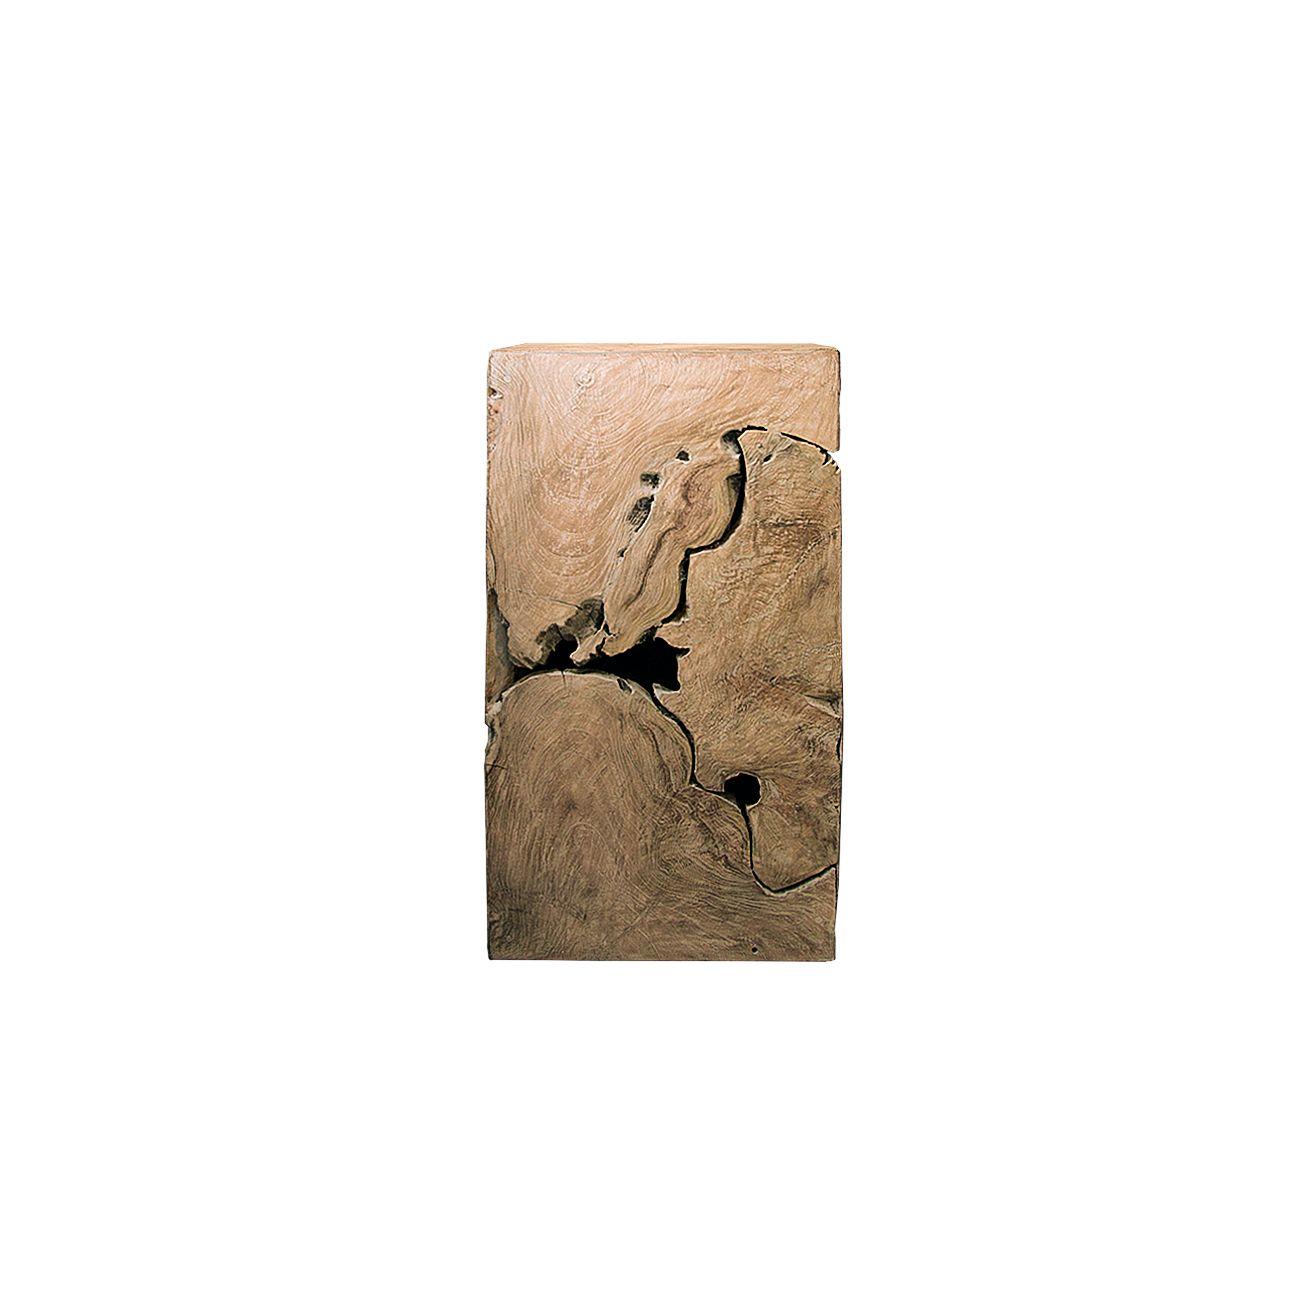 Подиум ALENKAПьедесталы<br>ROOMERS – это особенная коллекция, воплощение всего самого лучшего, модного и новаторского в мире дизайнерской мебели, предметов декора и стильных аксессуаров. Интерьерные решения от ROOMERS – всегда актуальны, более того, они - на острие моды. Коллекции ROOMERS тщательно отбираются и обновляются дважды в год специально для вас.<br><br>Material: Тик<br>Width см: 40<br>Depth см: 40<br>Height см: 75